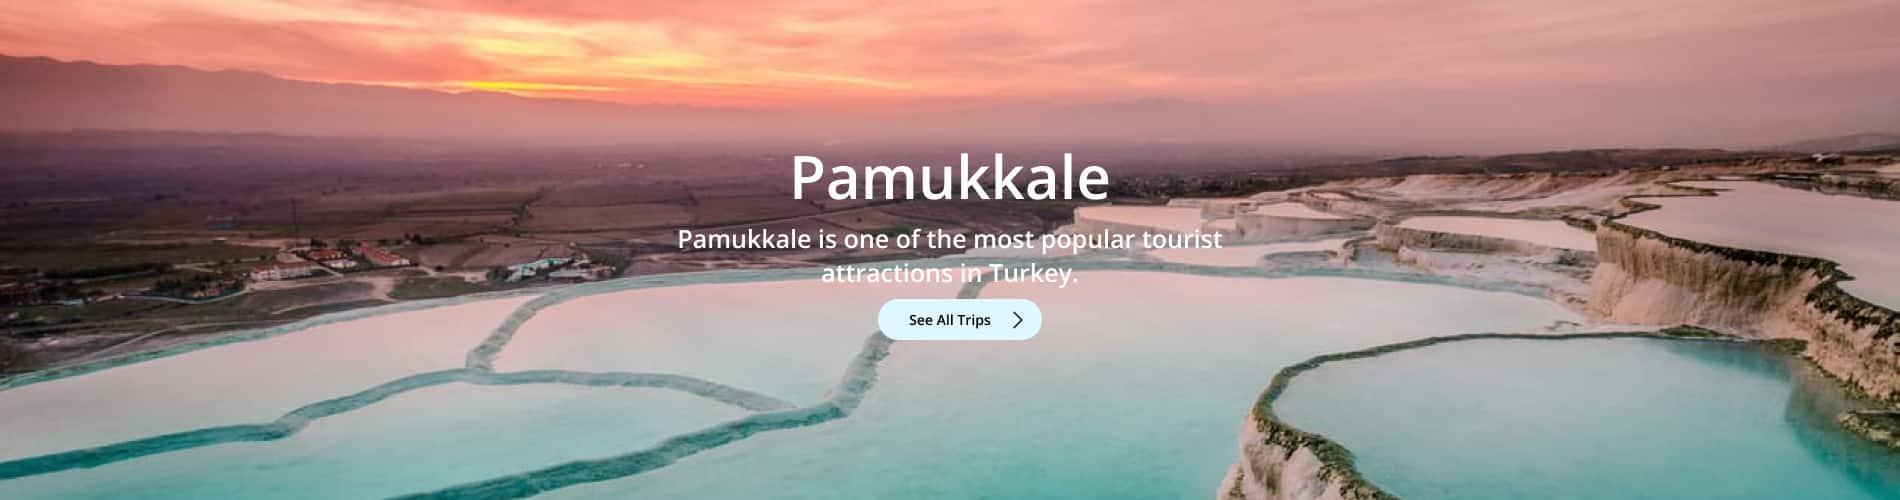 Pamukkale Trips